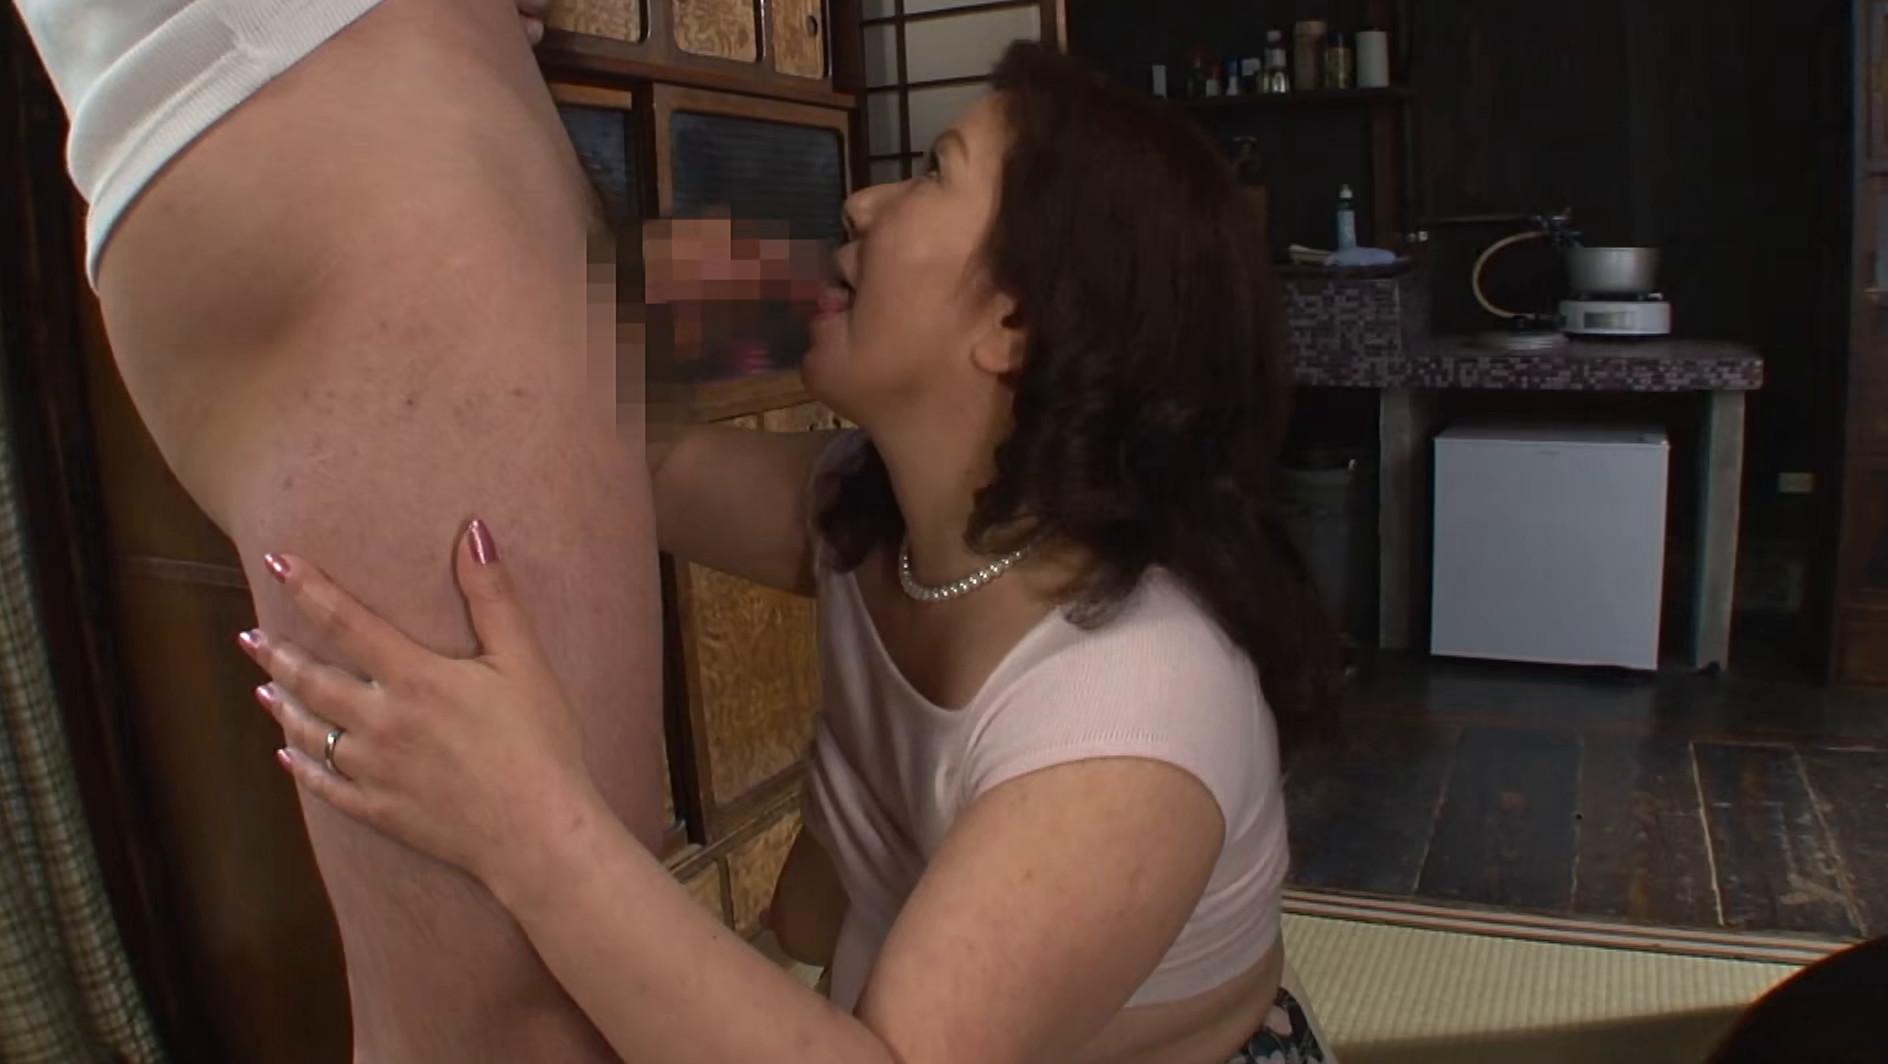 息子で性欲を満たす未亡人母 画像5